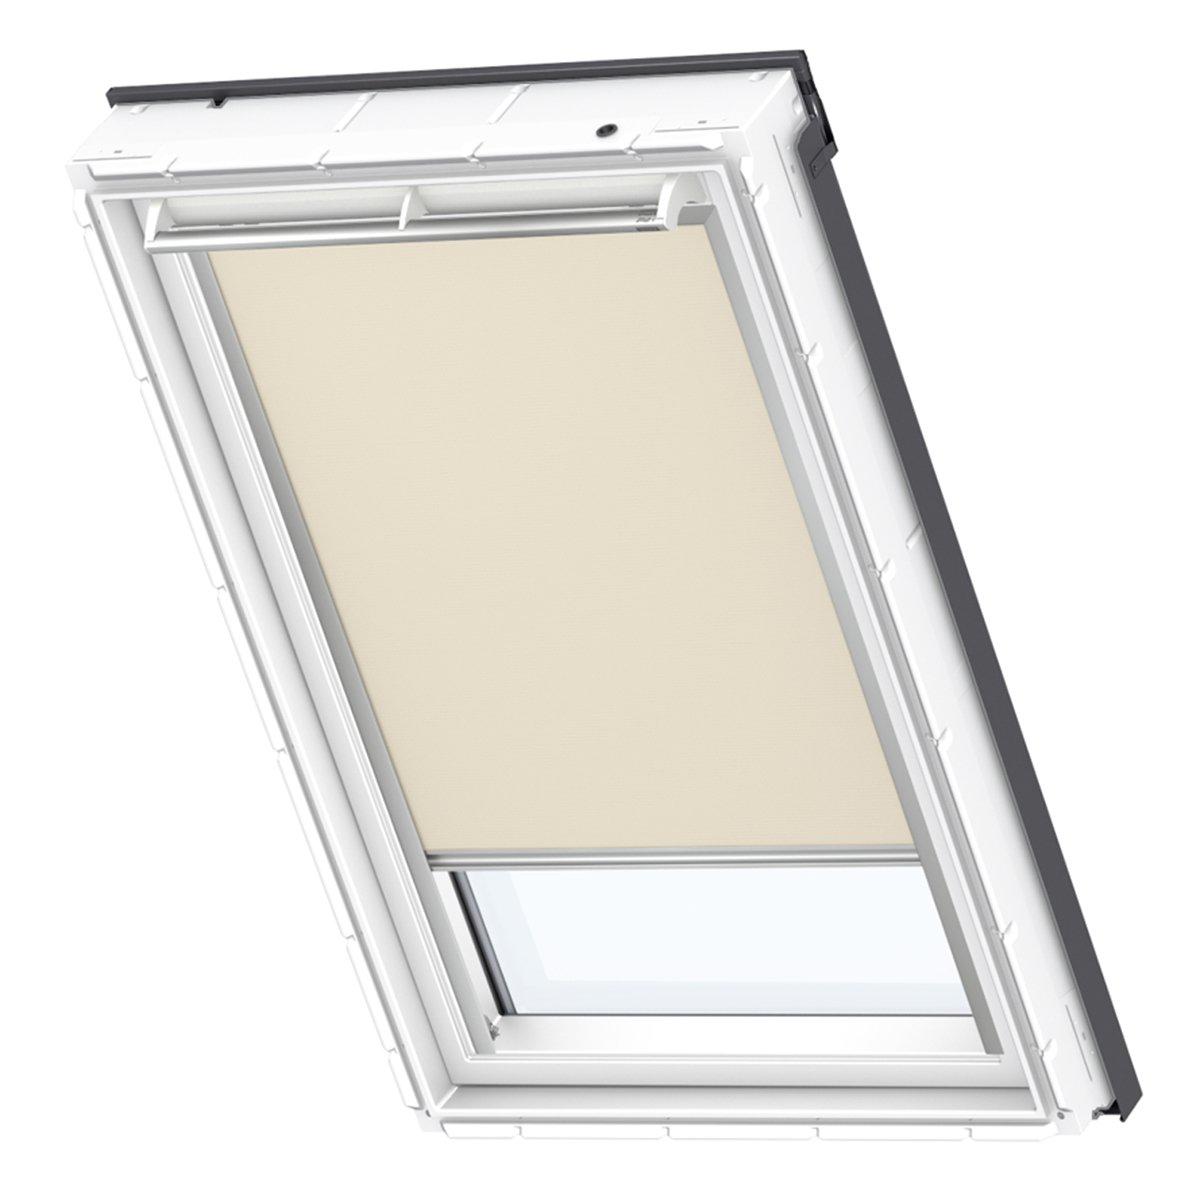 VELUX Original Hitzeschutz-Markise außen Dachfenster, M08, Uni Beige